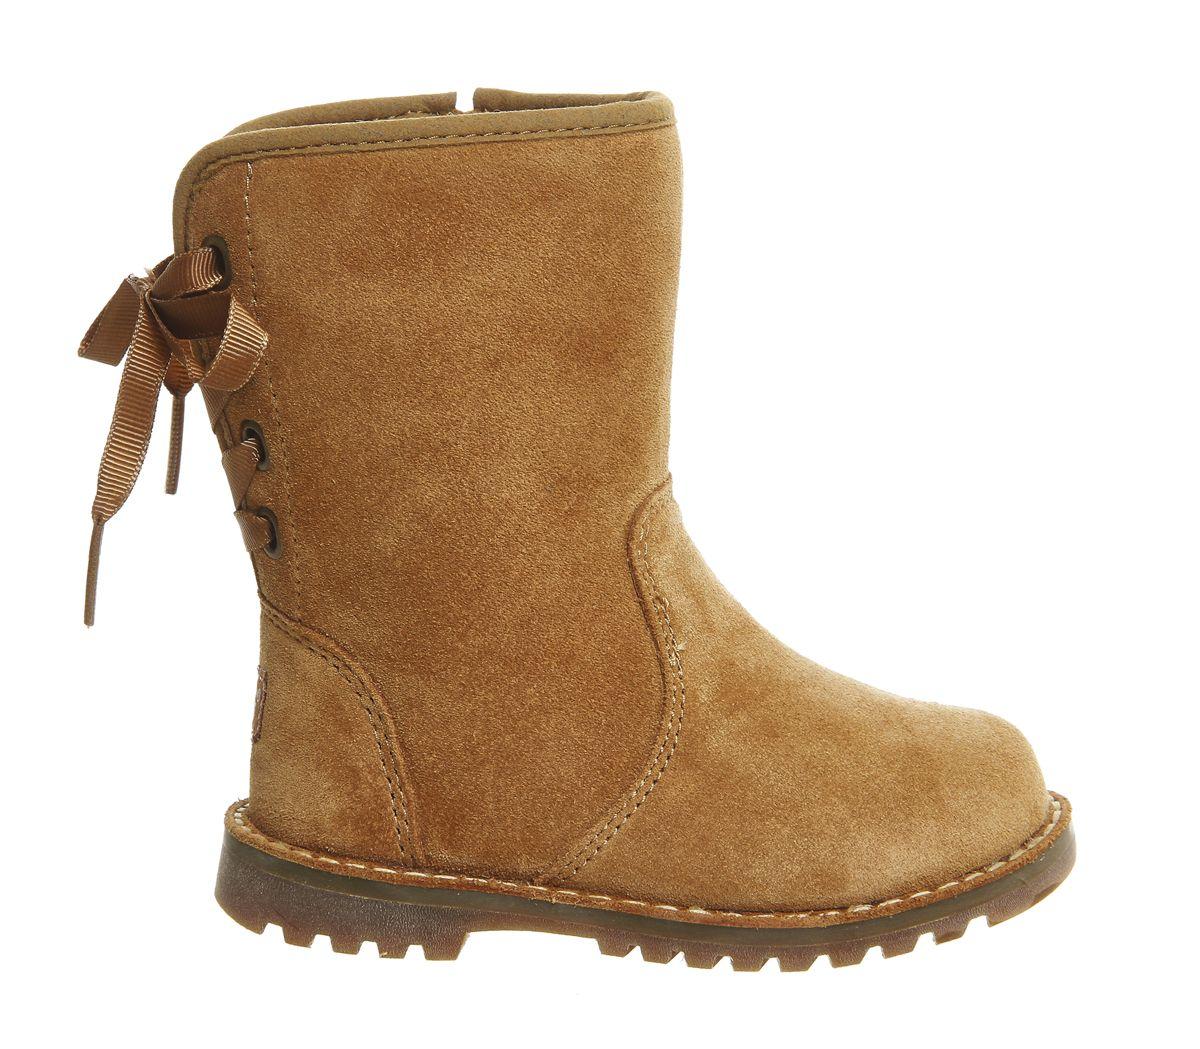 6d8a06dcf89 Corene Infant Boots